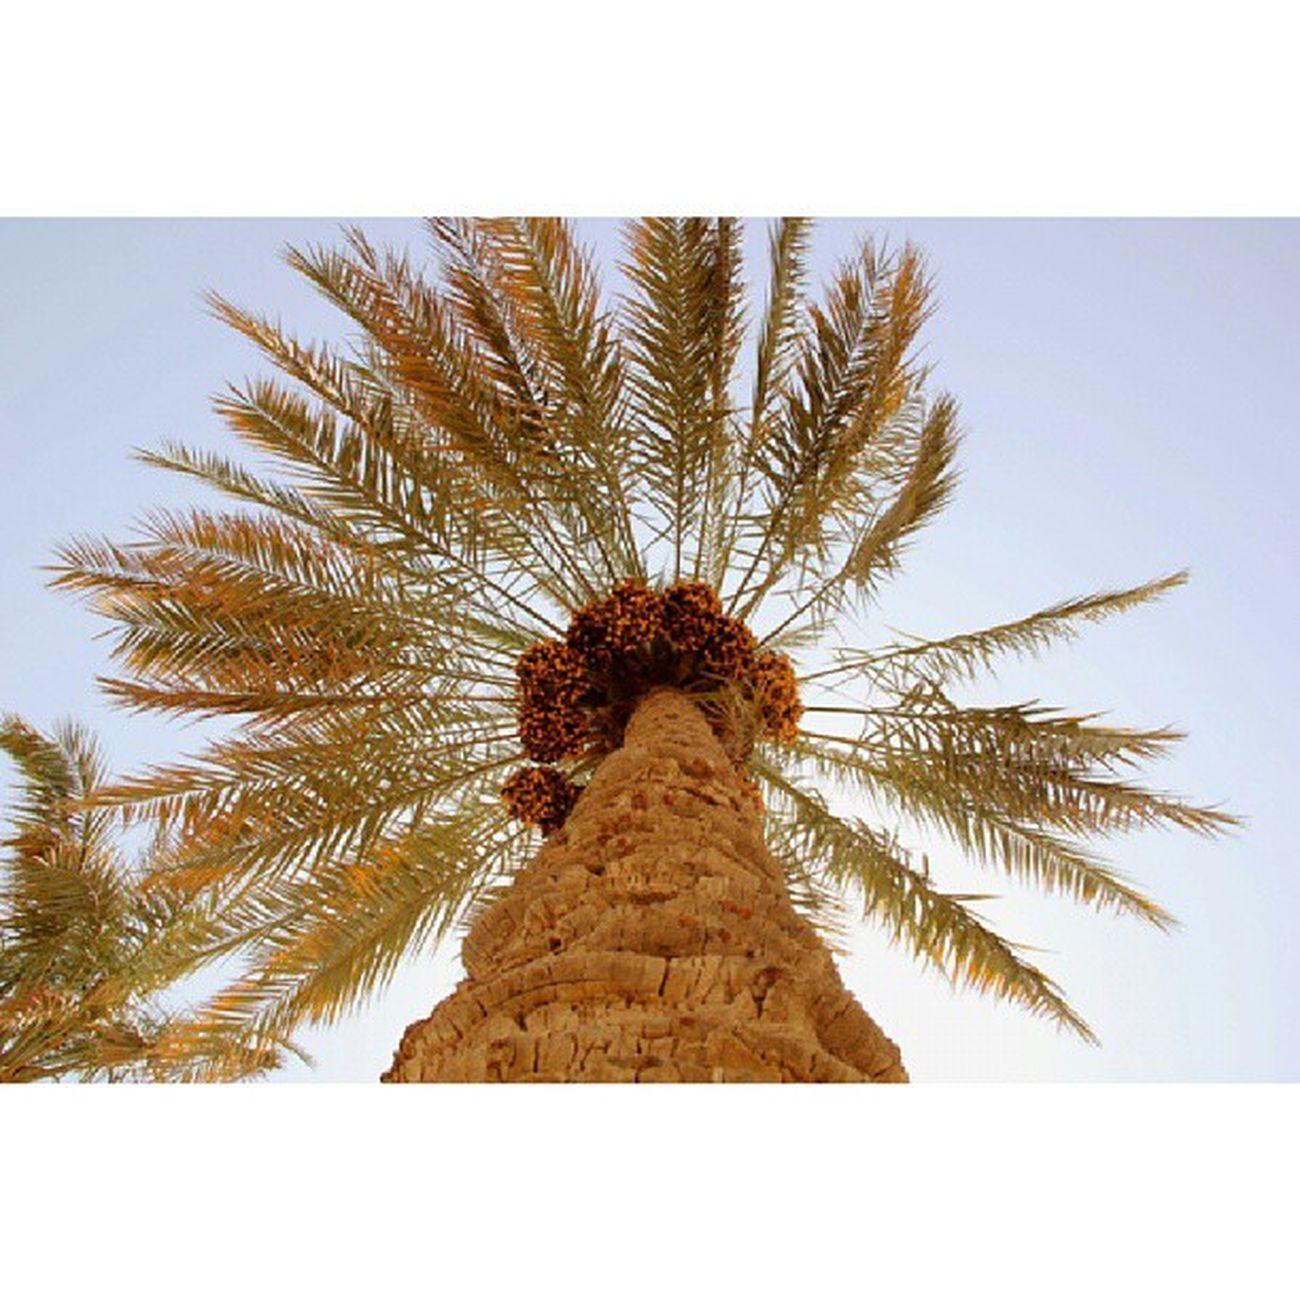 Nature Bh_tree Farm Instamood Instamood Instapic